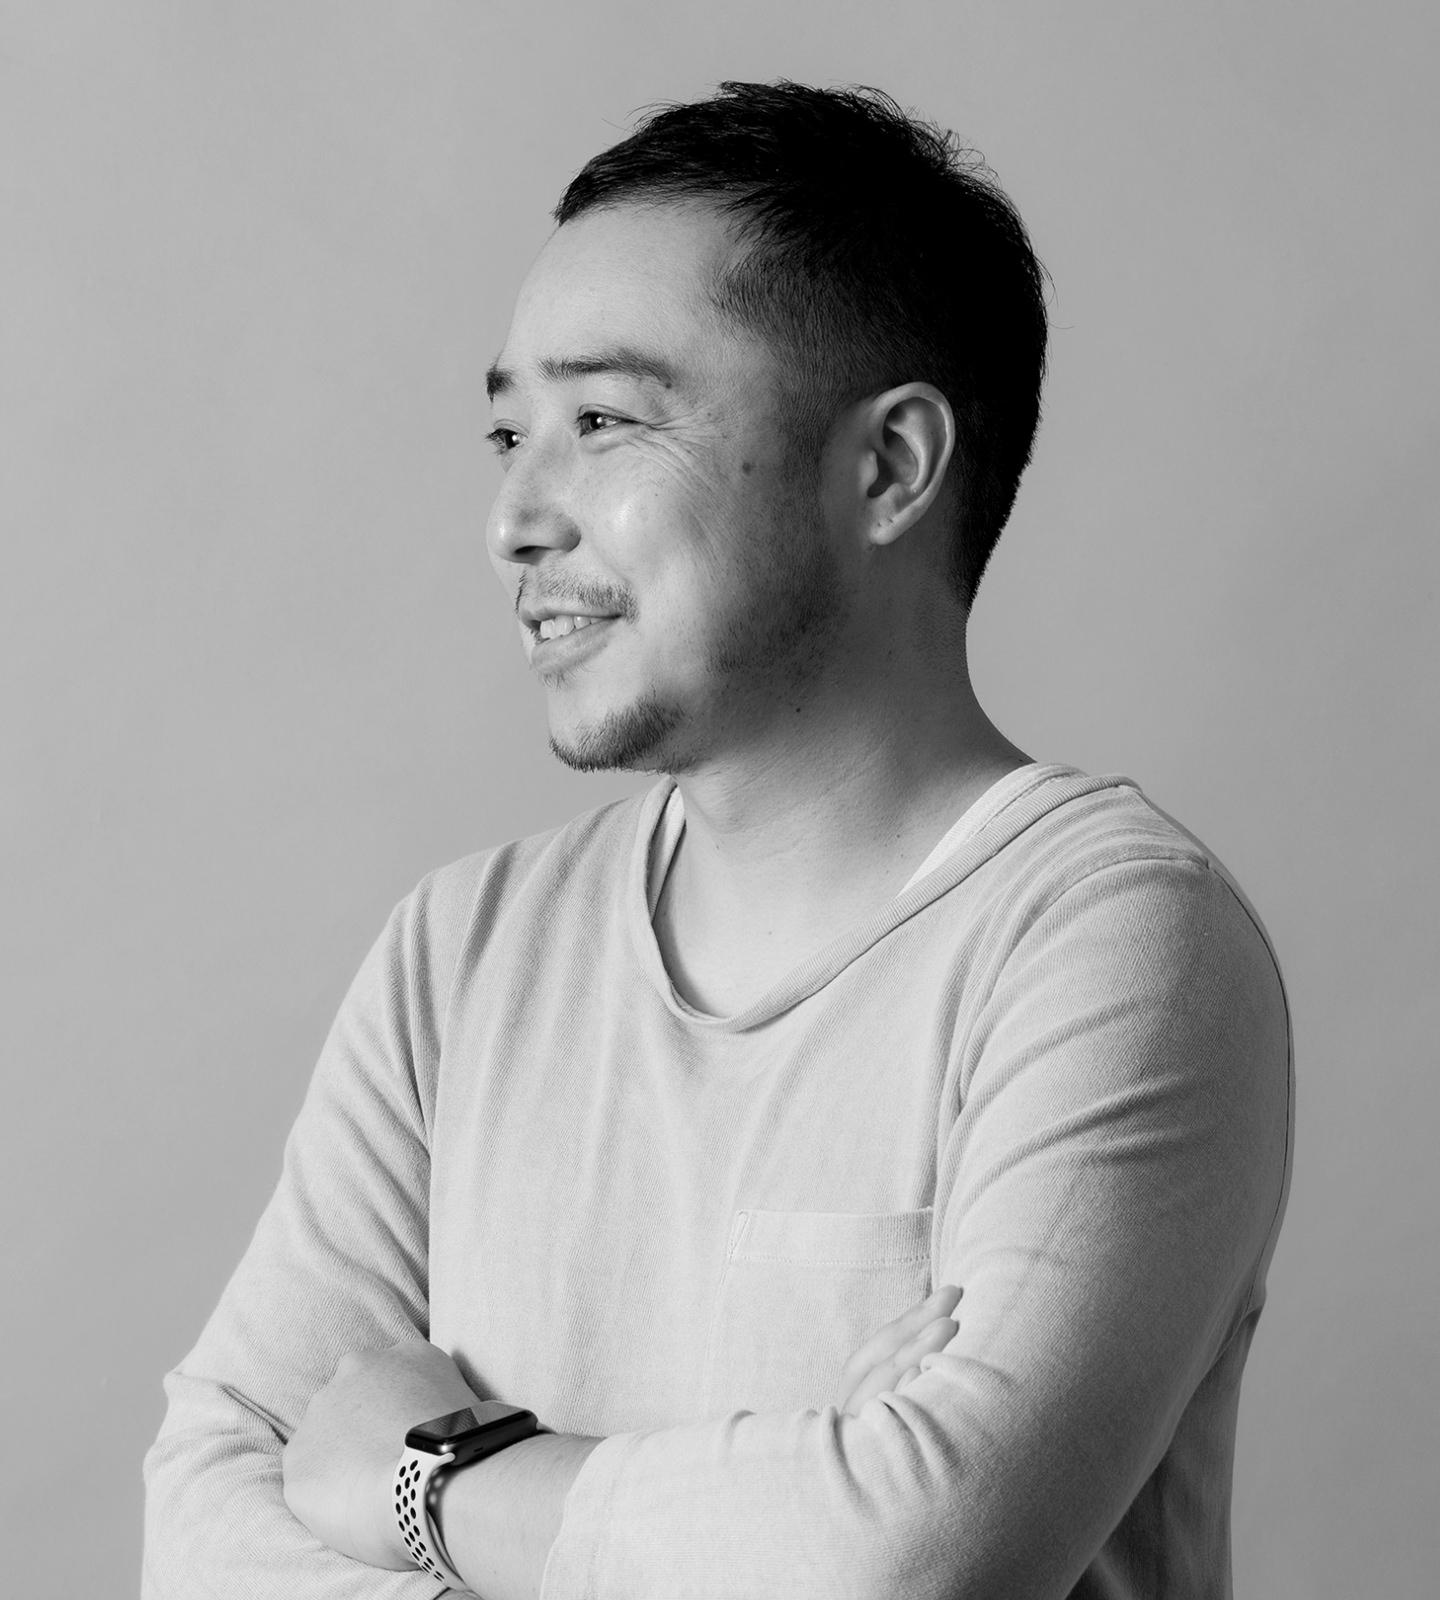 HIROTO KAGAMI